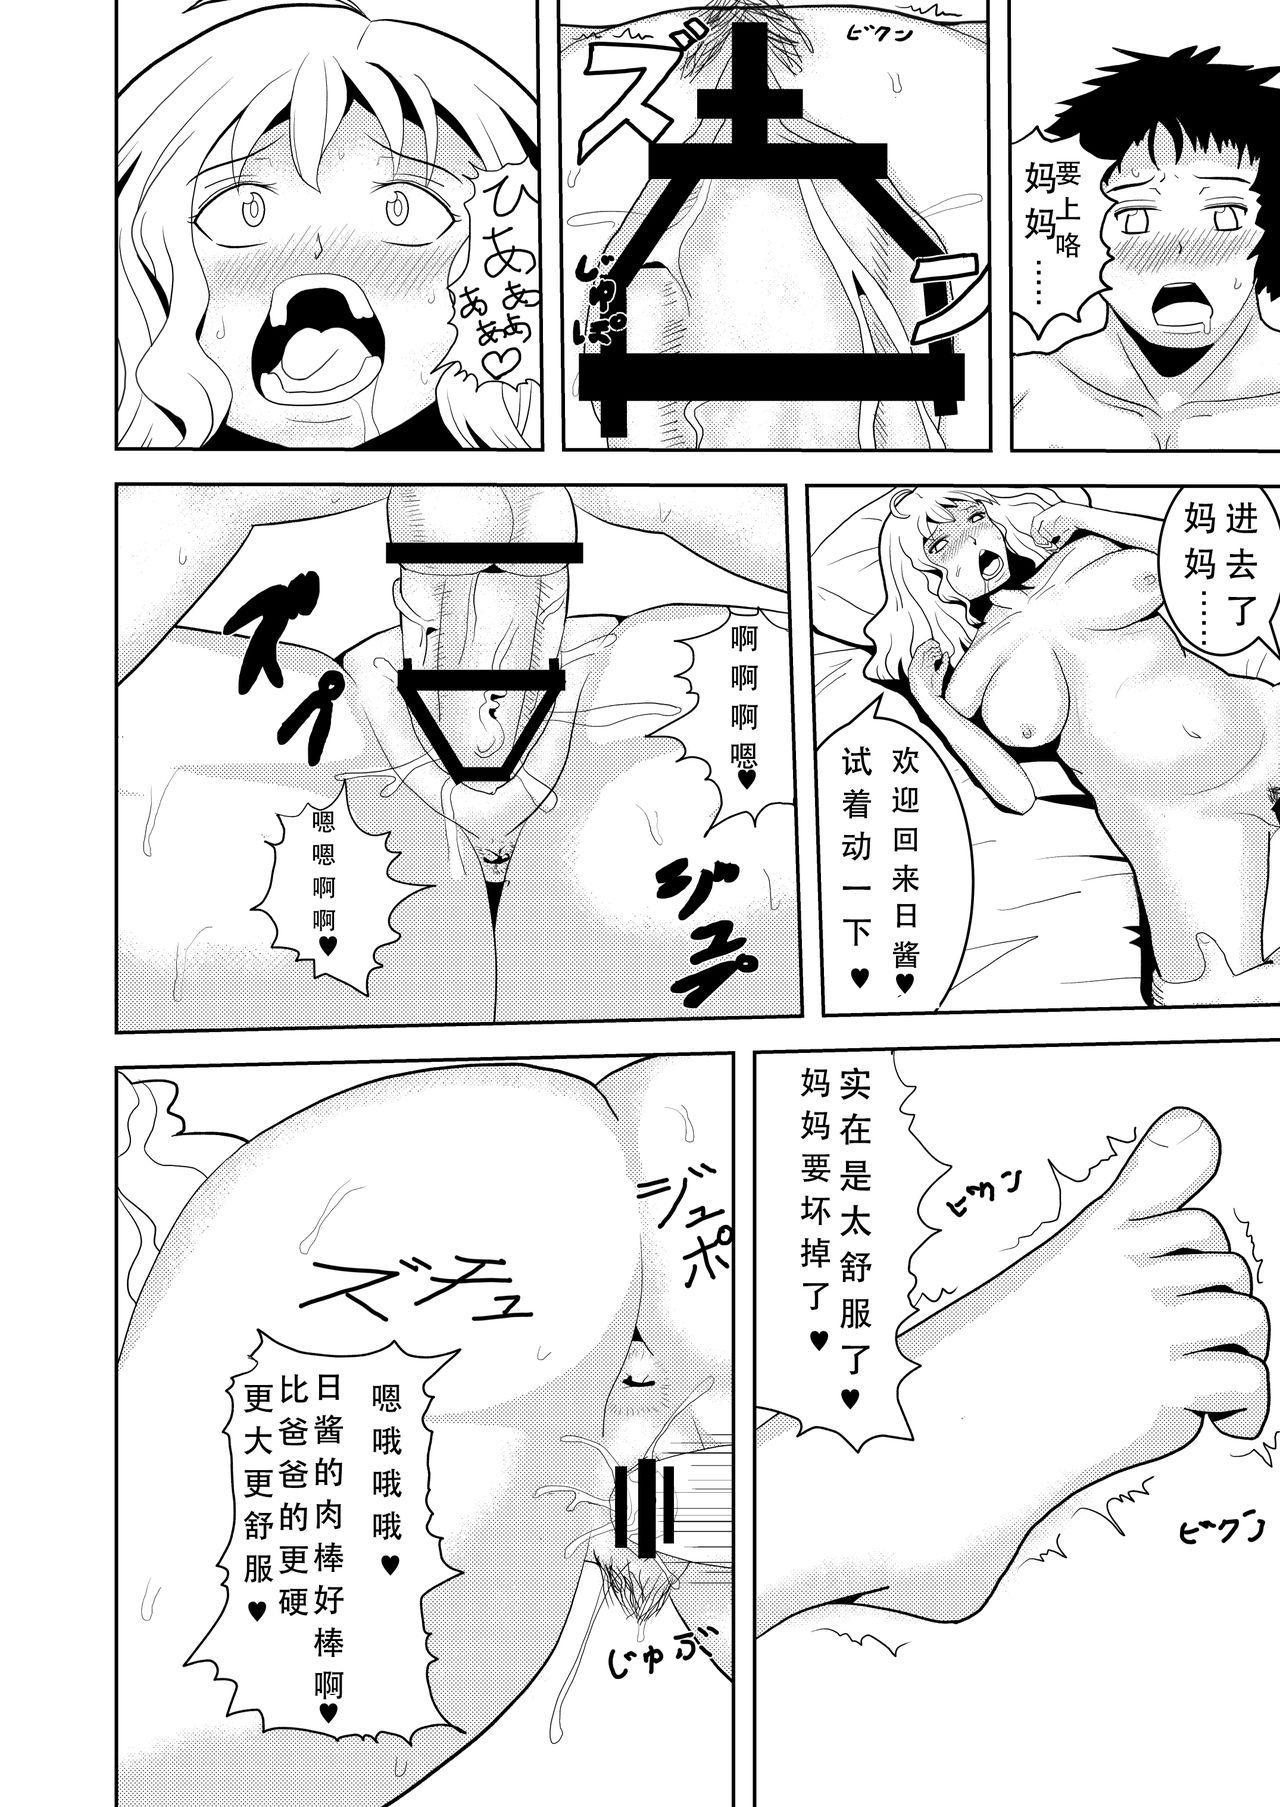 Kaa-san ga Fudeoroshi Shiteageru 6